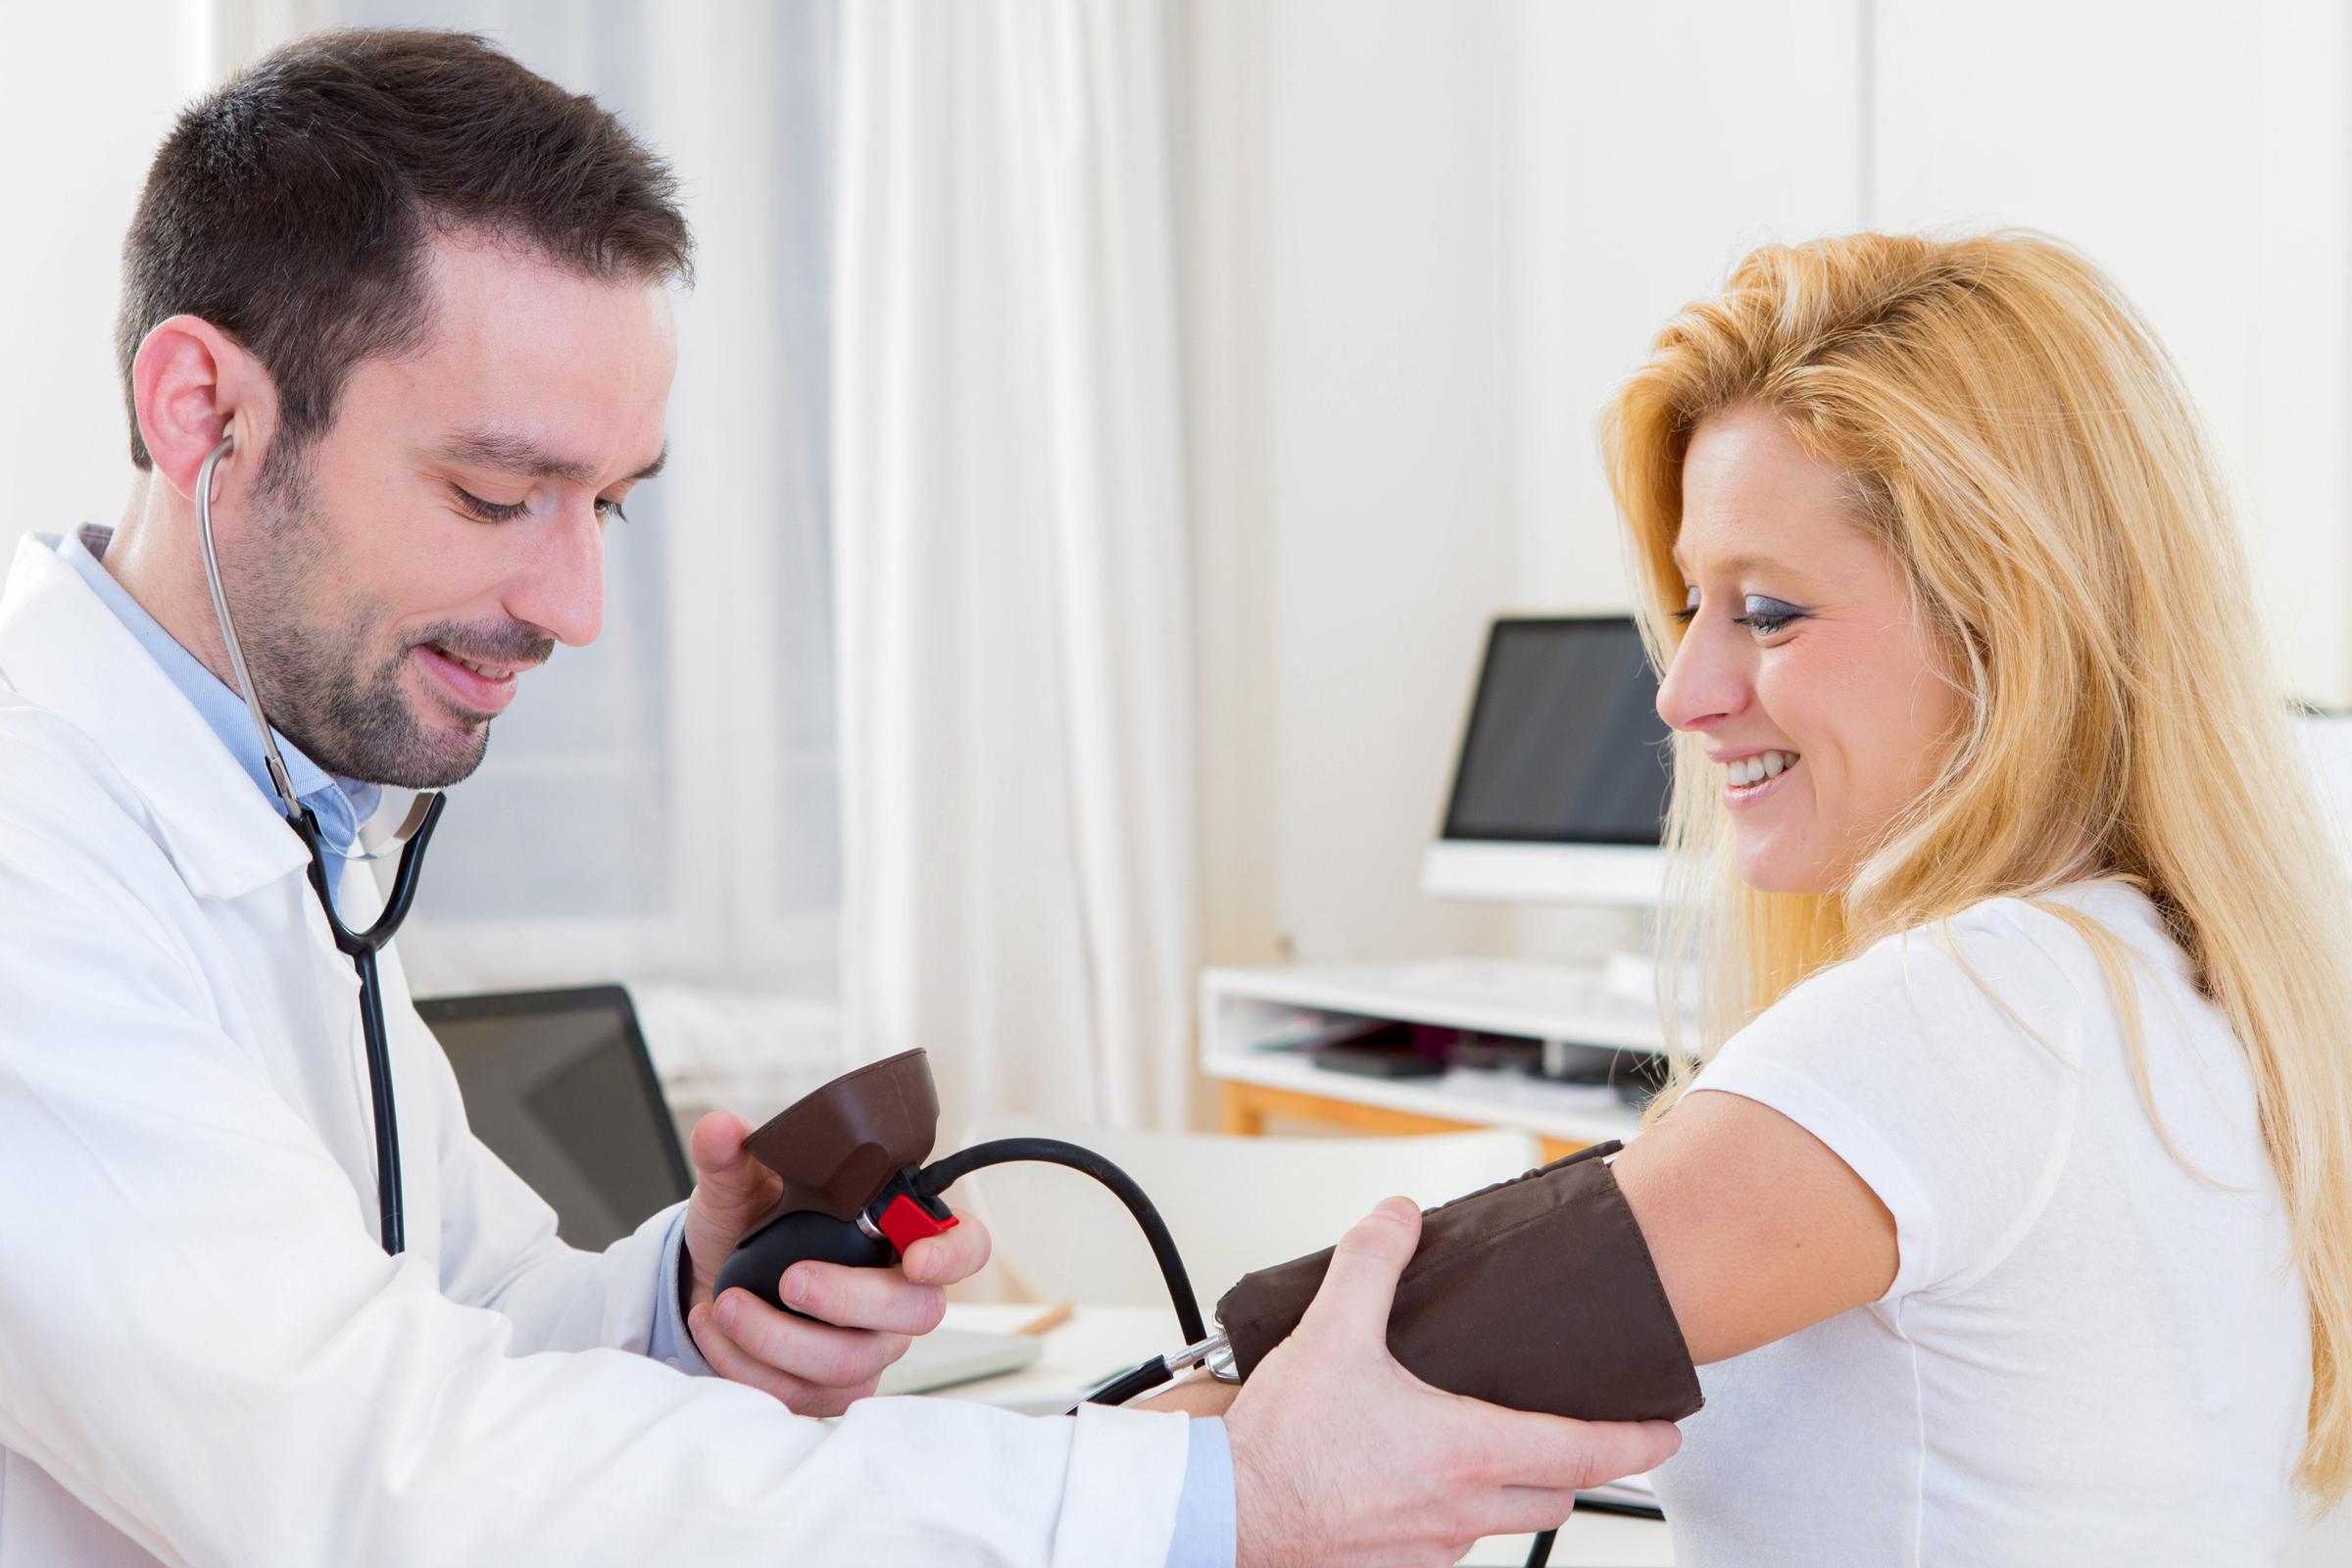 vázizom hipertónia bradycardia és magas vérnyomás elleni gyógyszerek